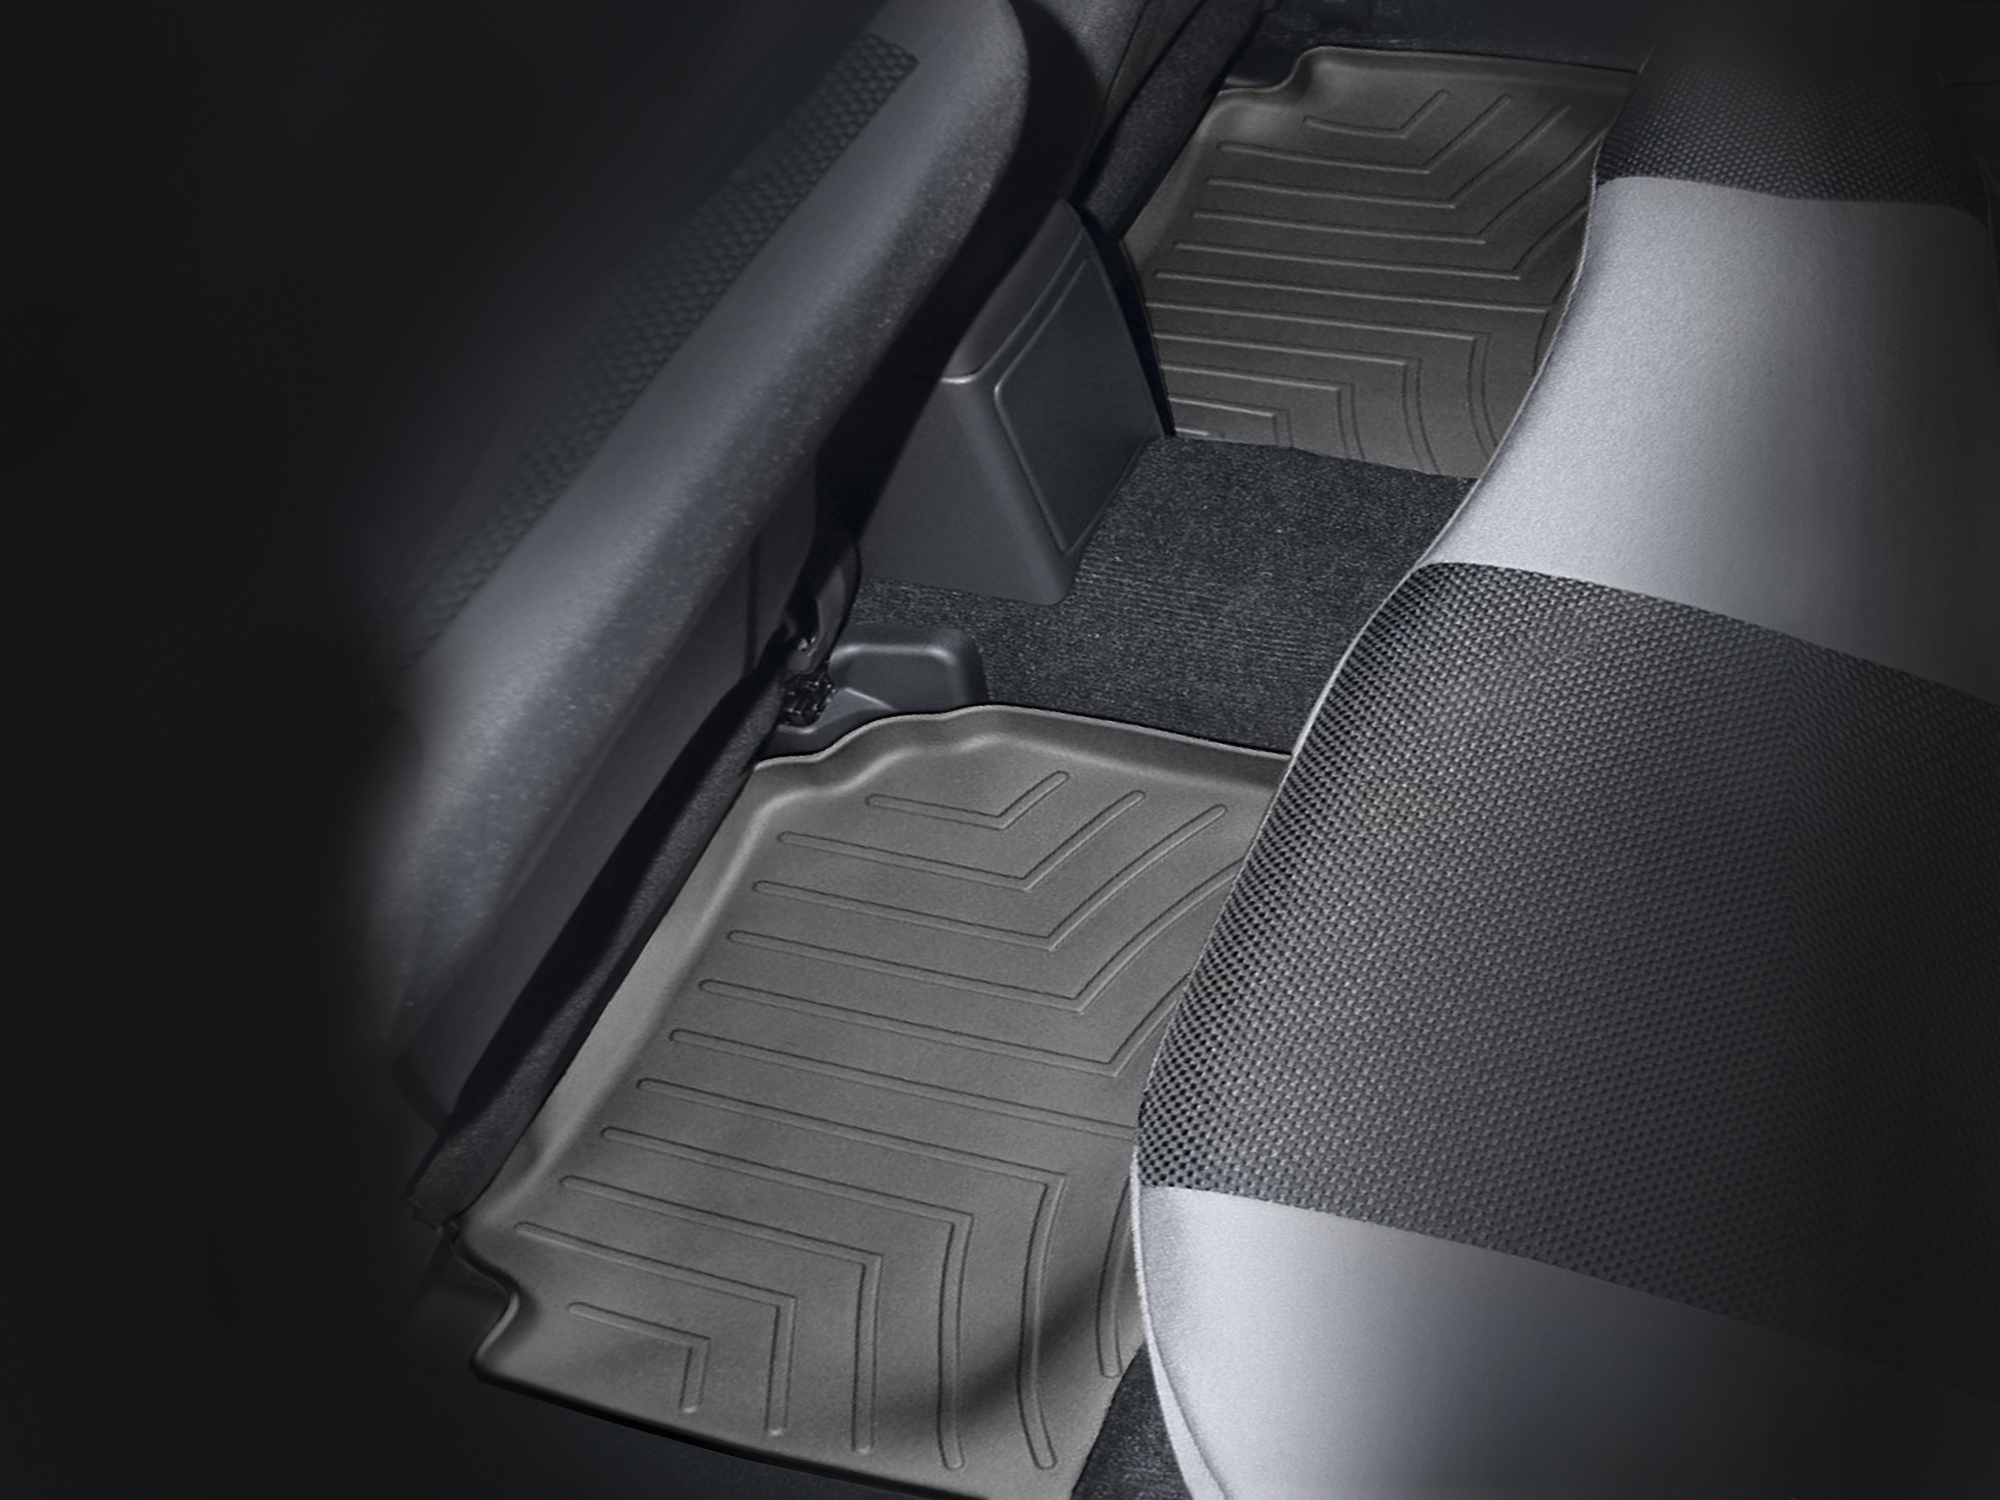 Tappeti gomma su misura bordo alto Subaru Impreza WRX STi 02>06 Nero A3453